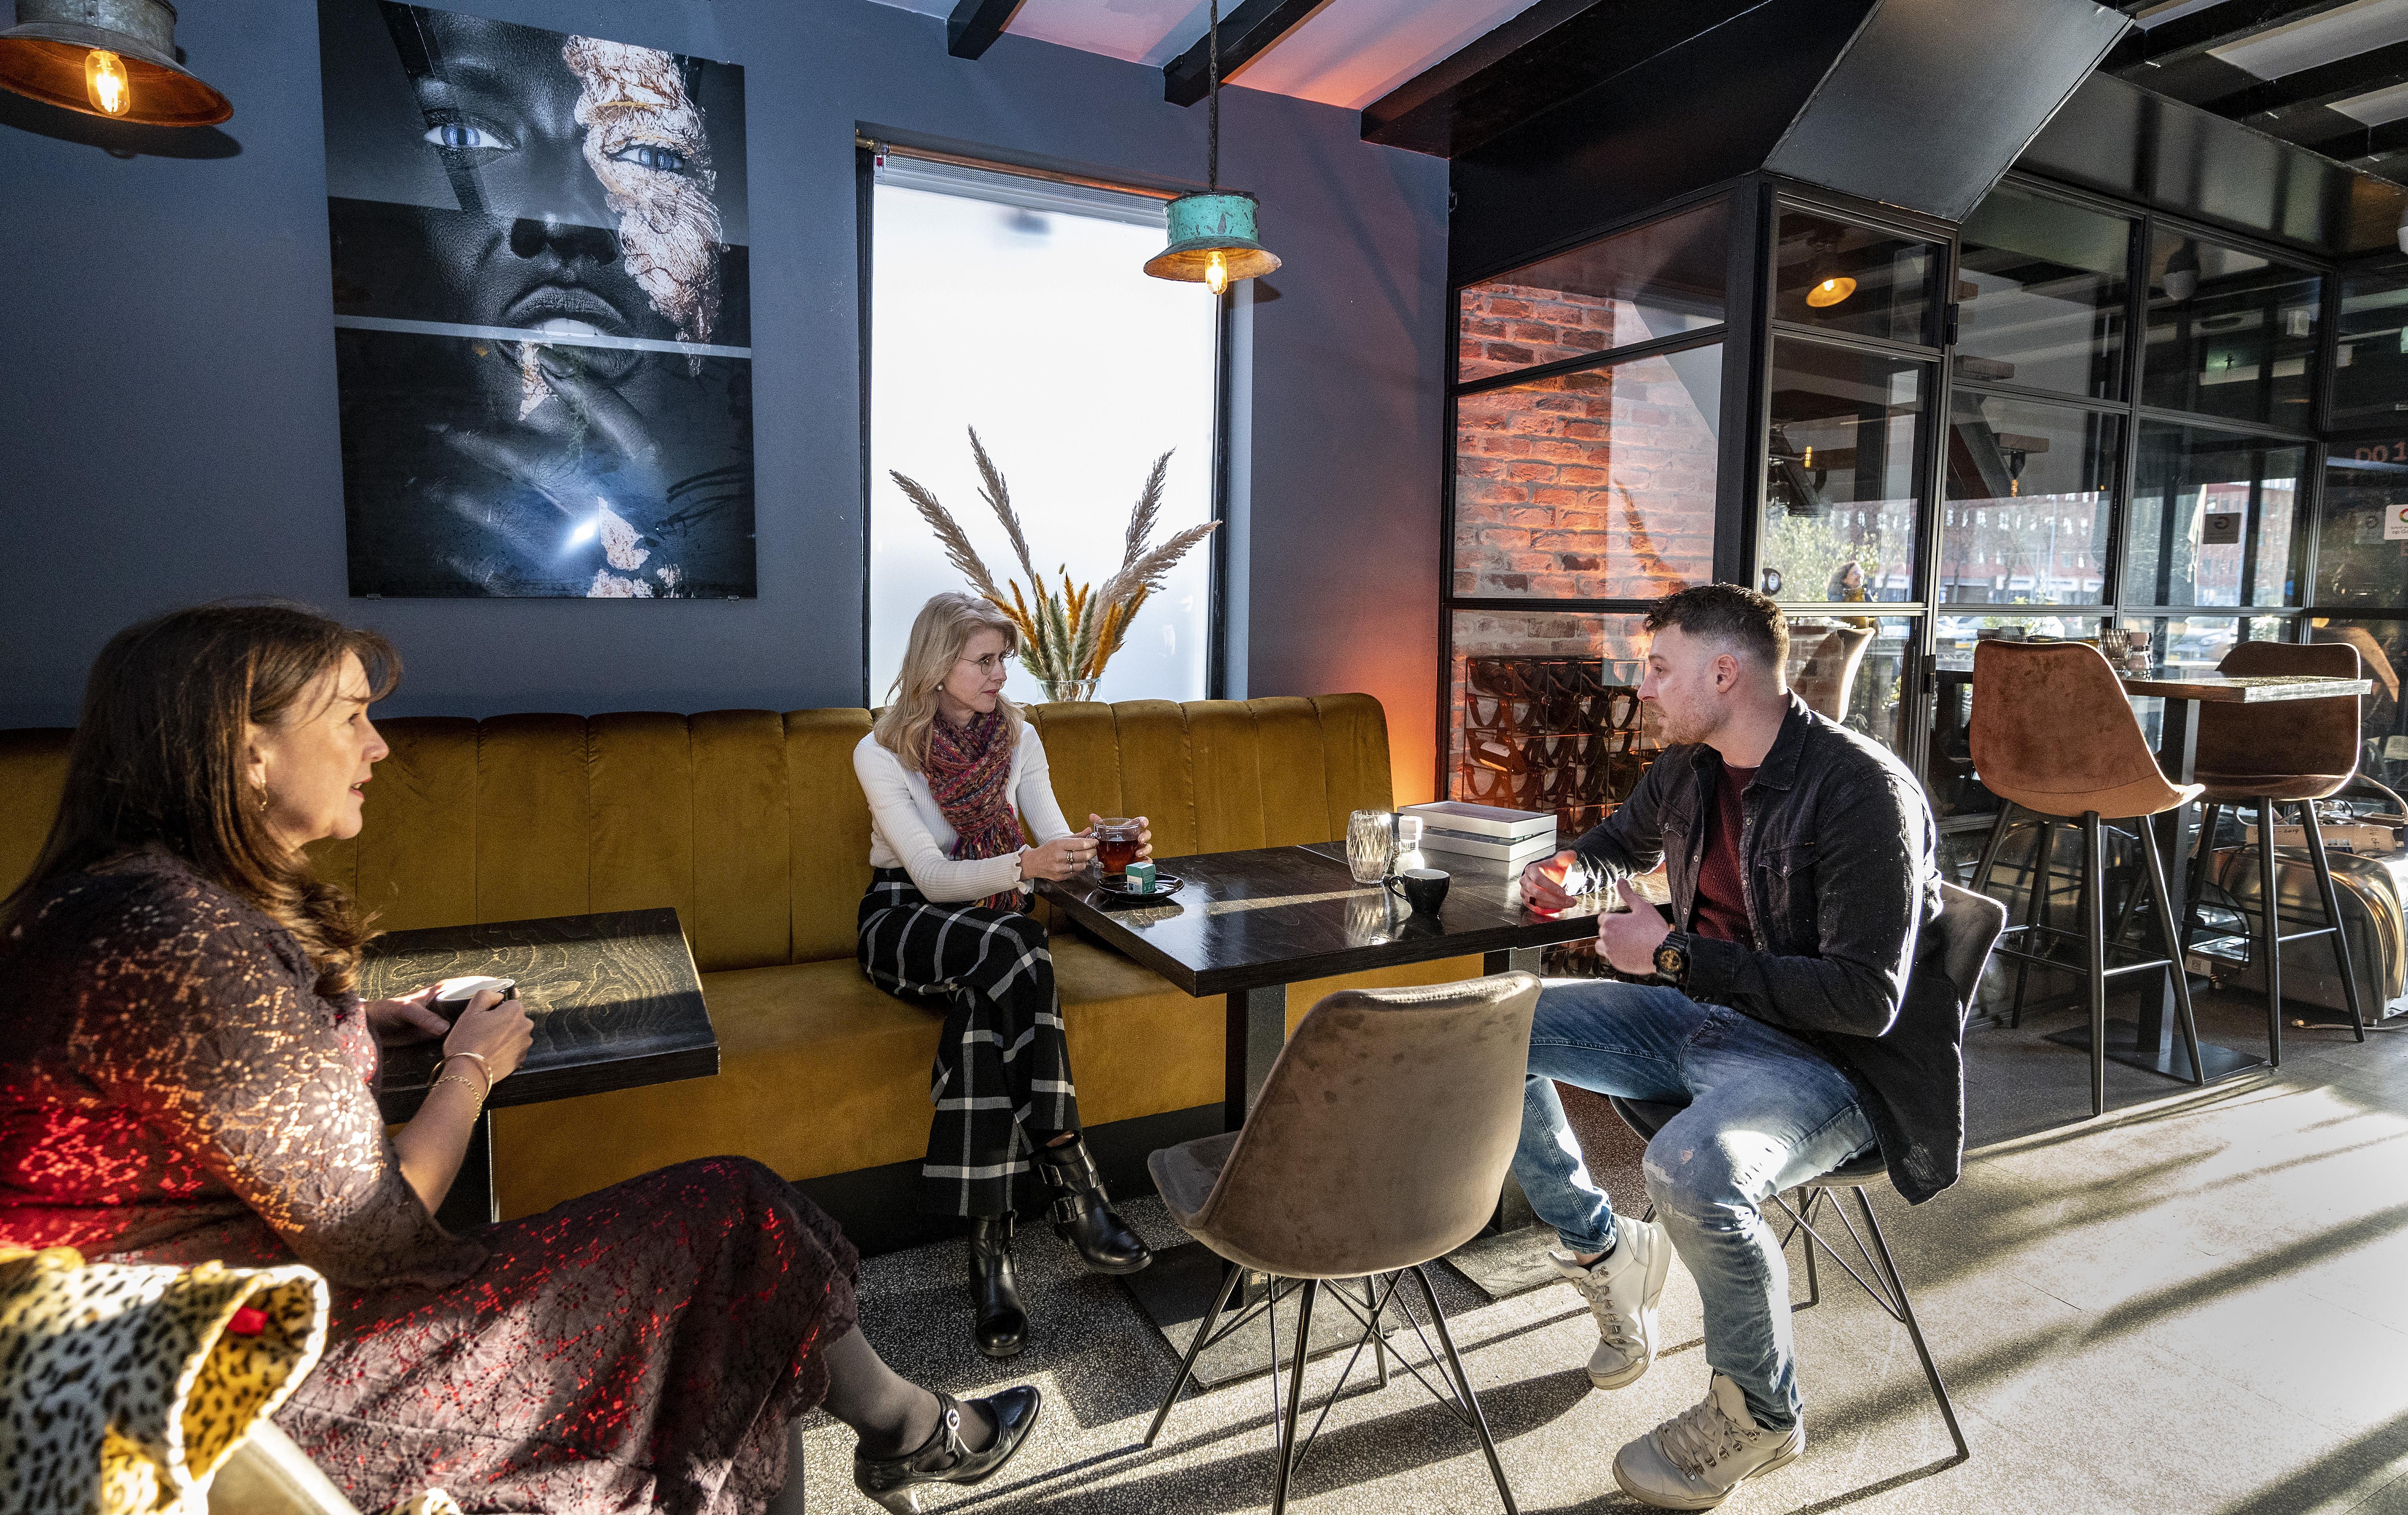 Mona Keijzer op bezoek in Hoofddorp. 'Ik voel me gehoord', zegt horecaman Robert van Leeuwen na goed gesprek met staatssecretaris